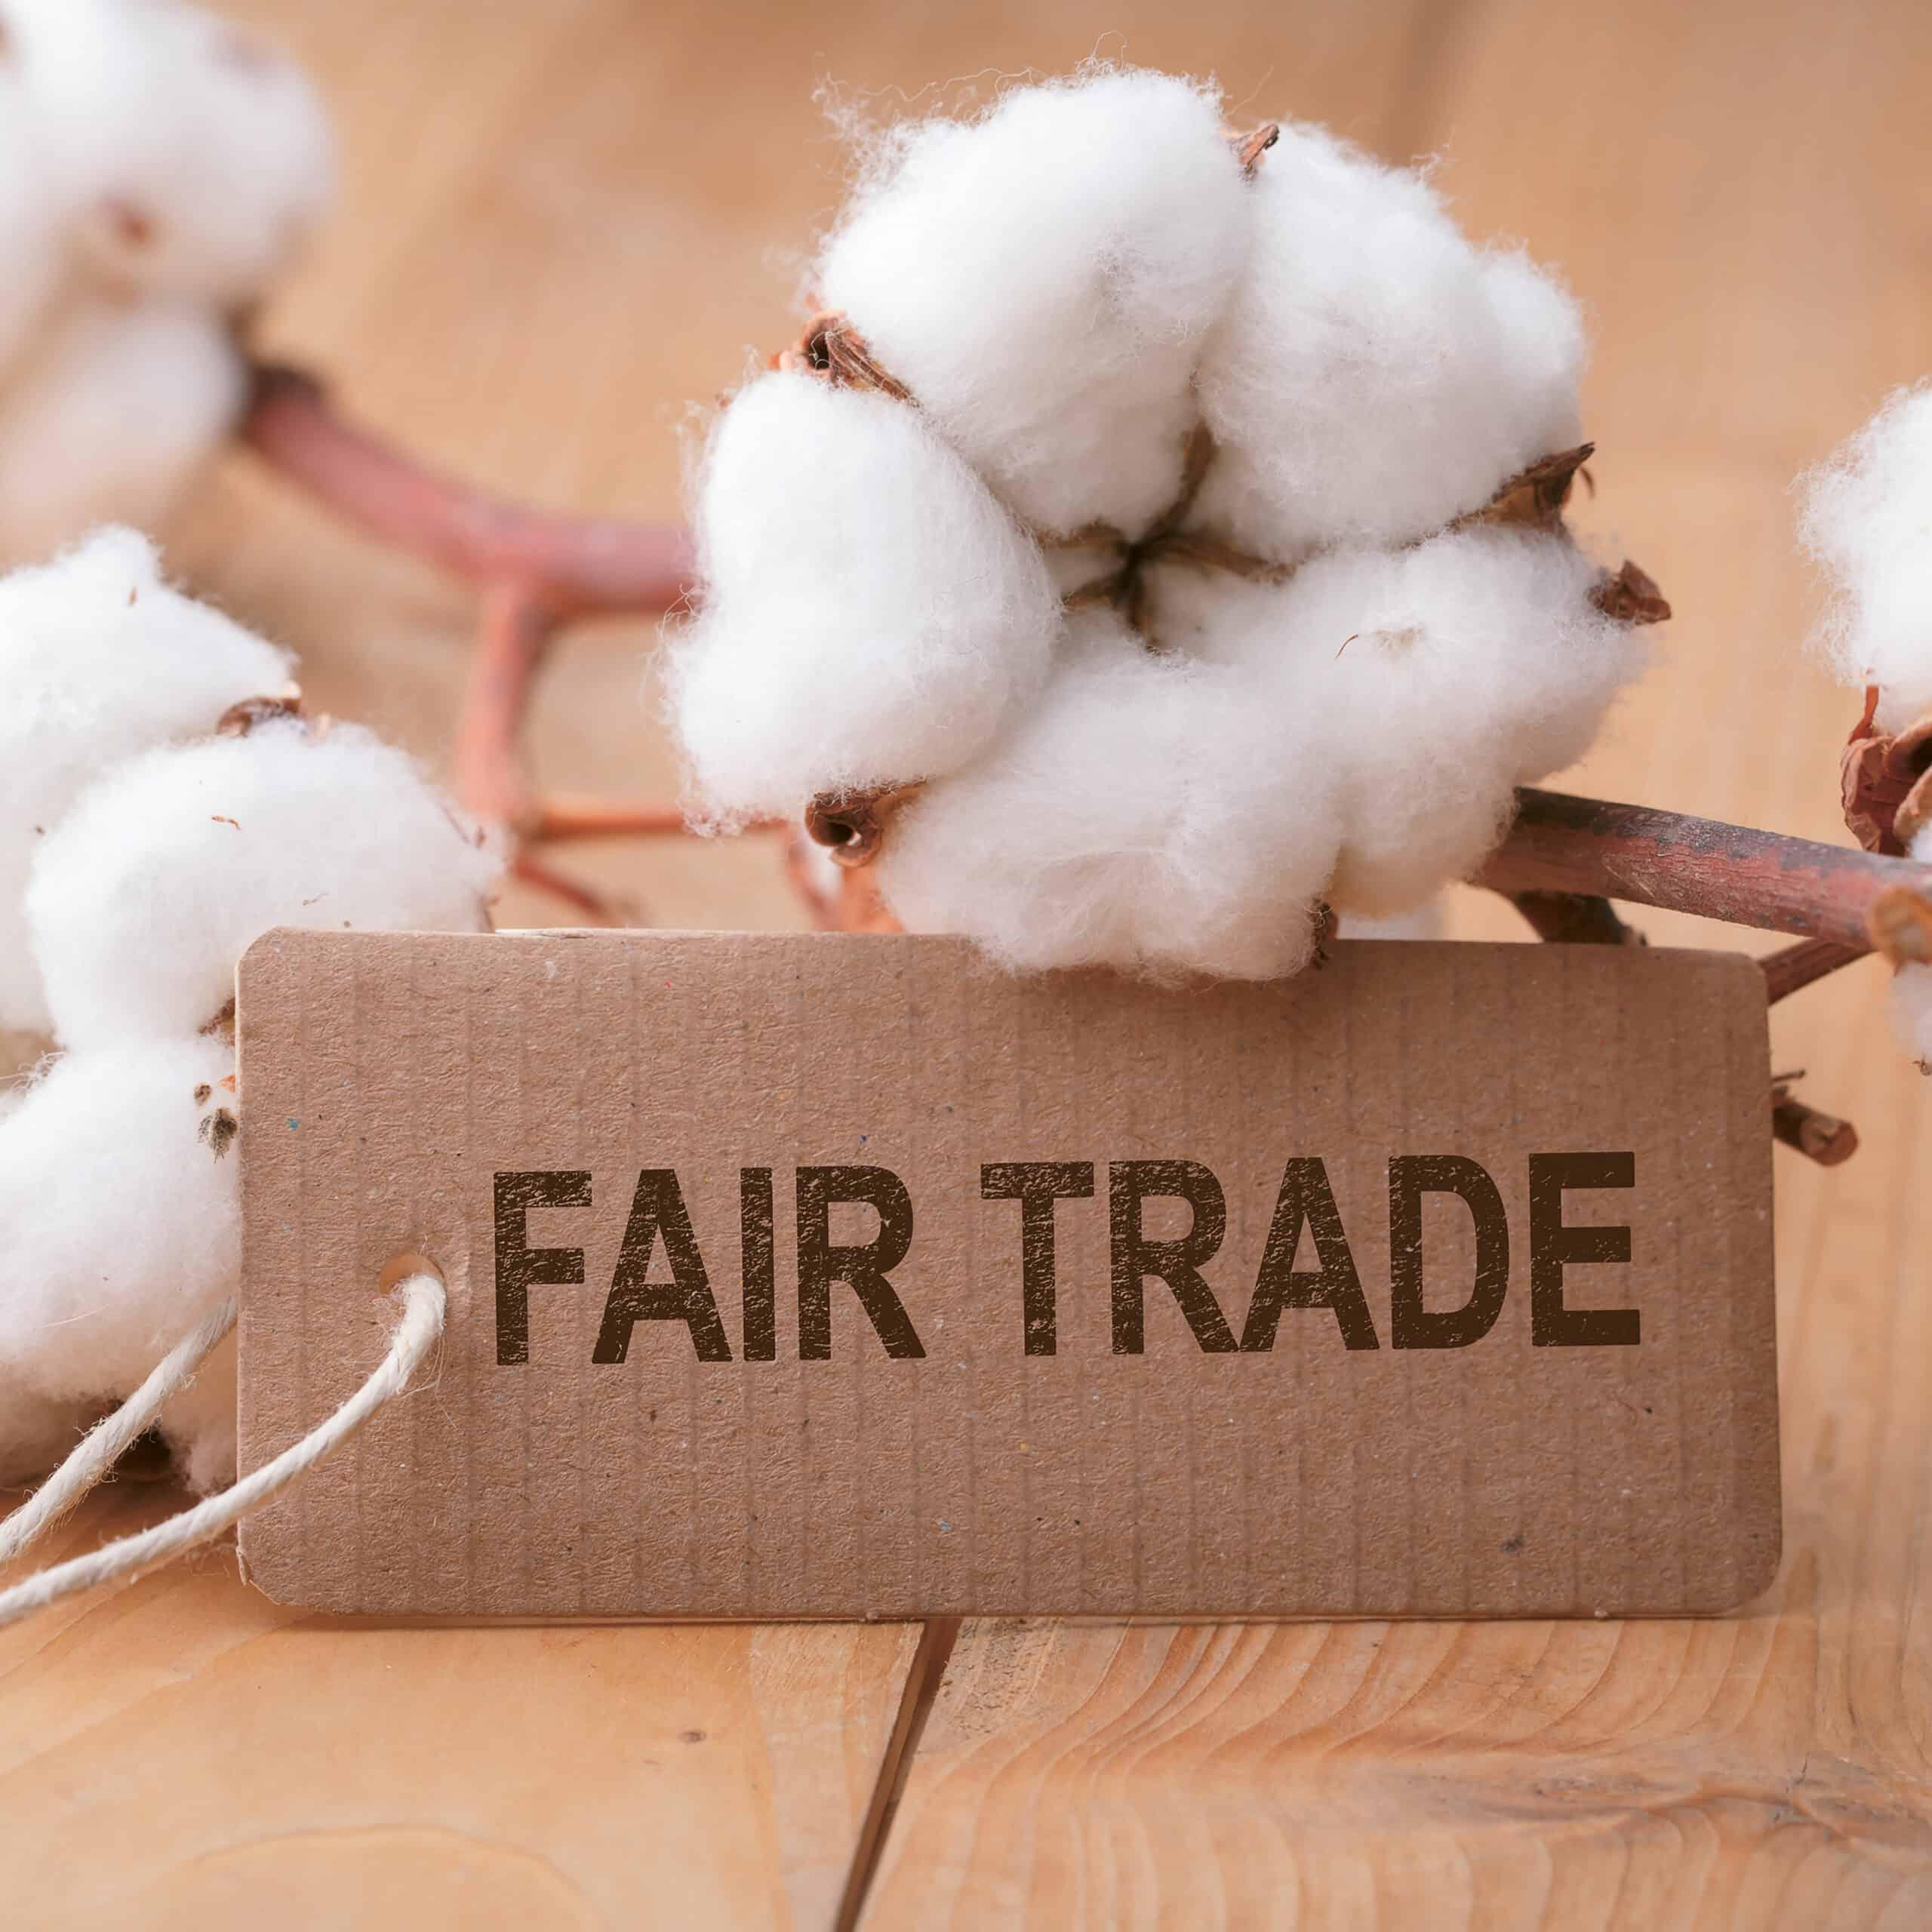 Baumwollast mit Fairtrade Kärtchen im Vordergrund